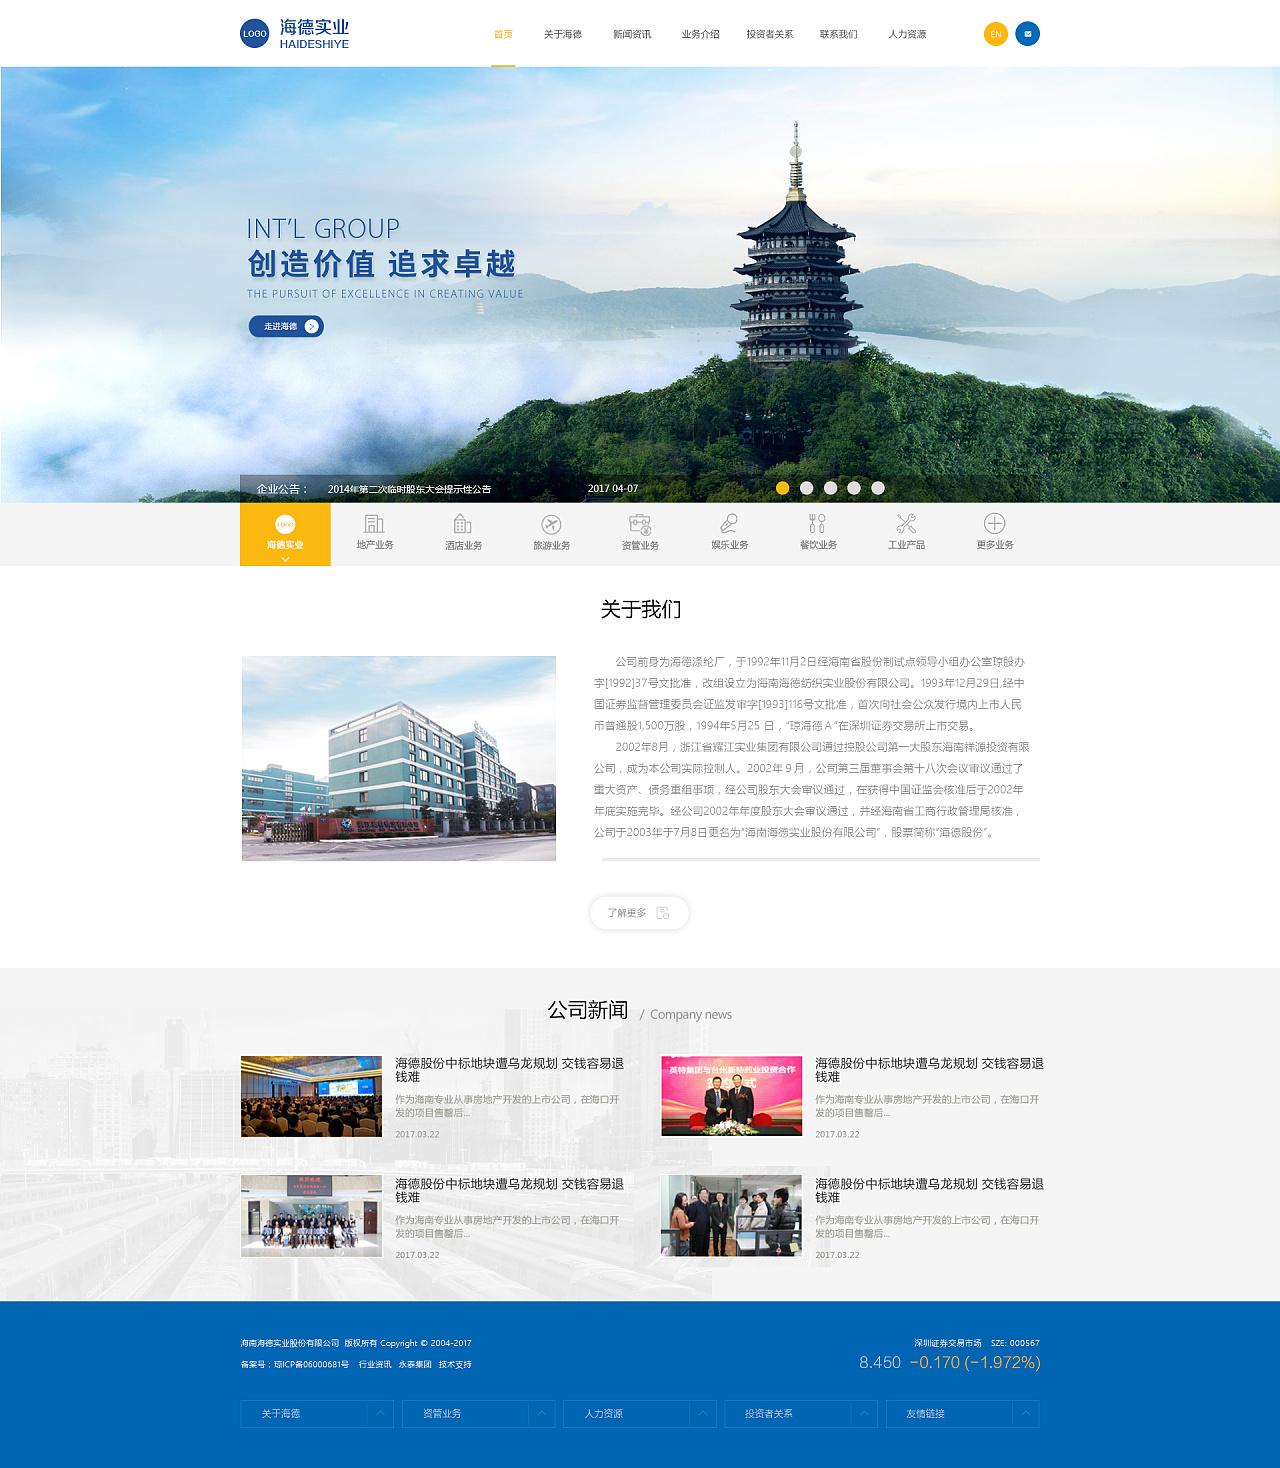 官网_海德实业/集团性质网站/网页设计/网站建设/企业官网设计/公司网页